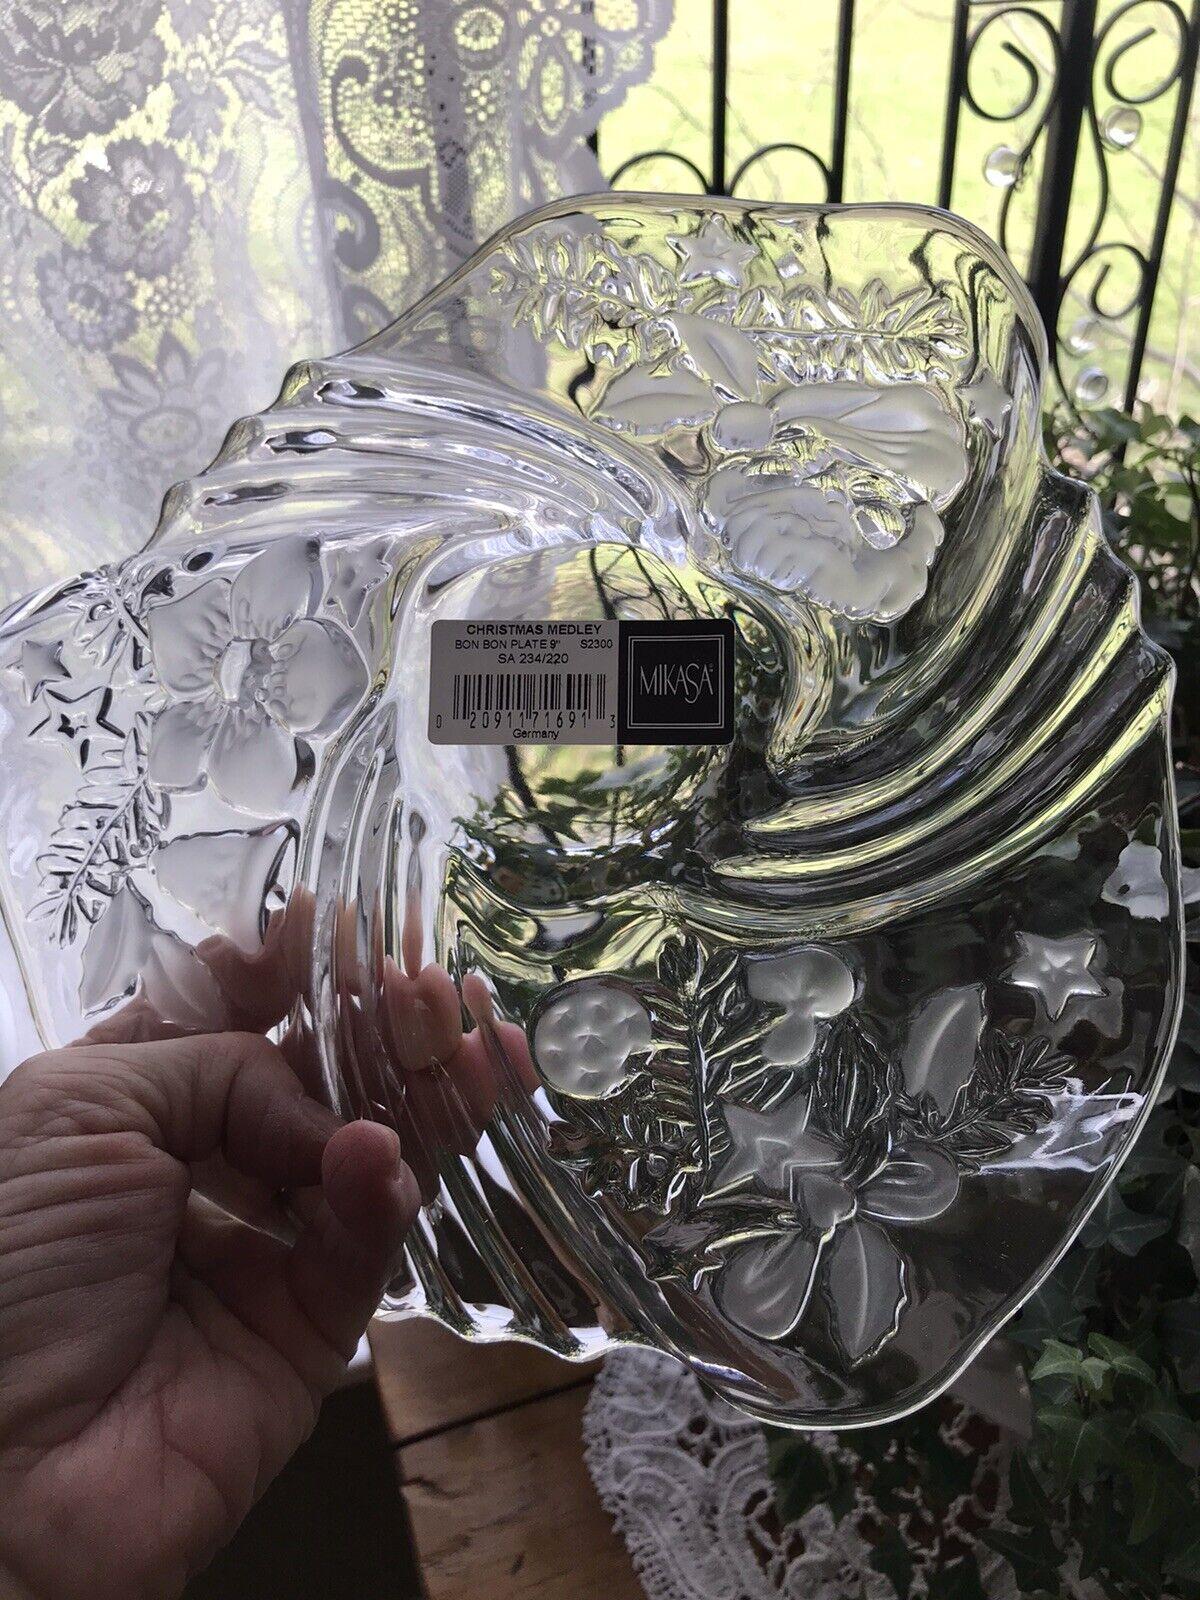 ! nuevo! Mikasa Vacaciones Estilo Bon Bon placa 9